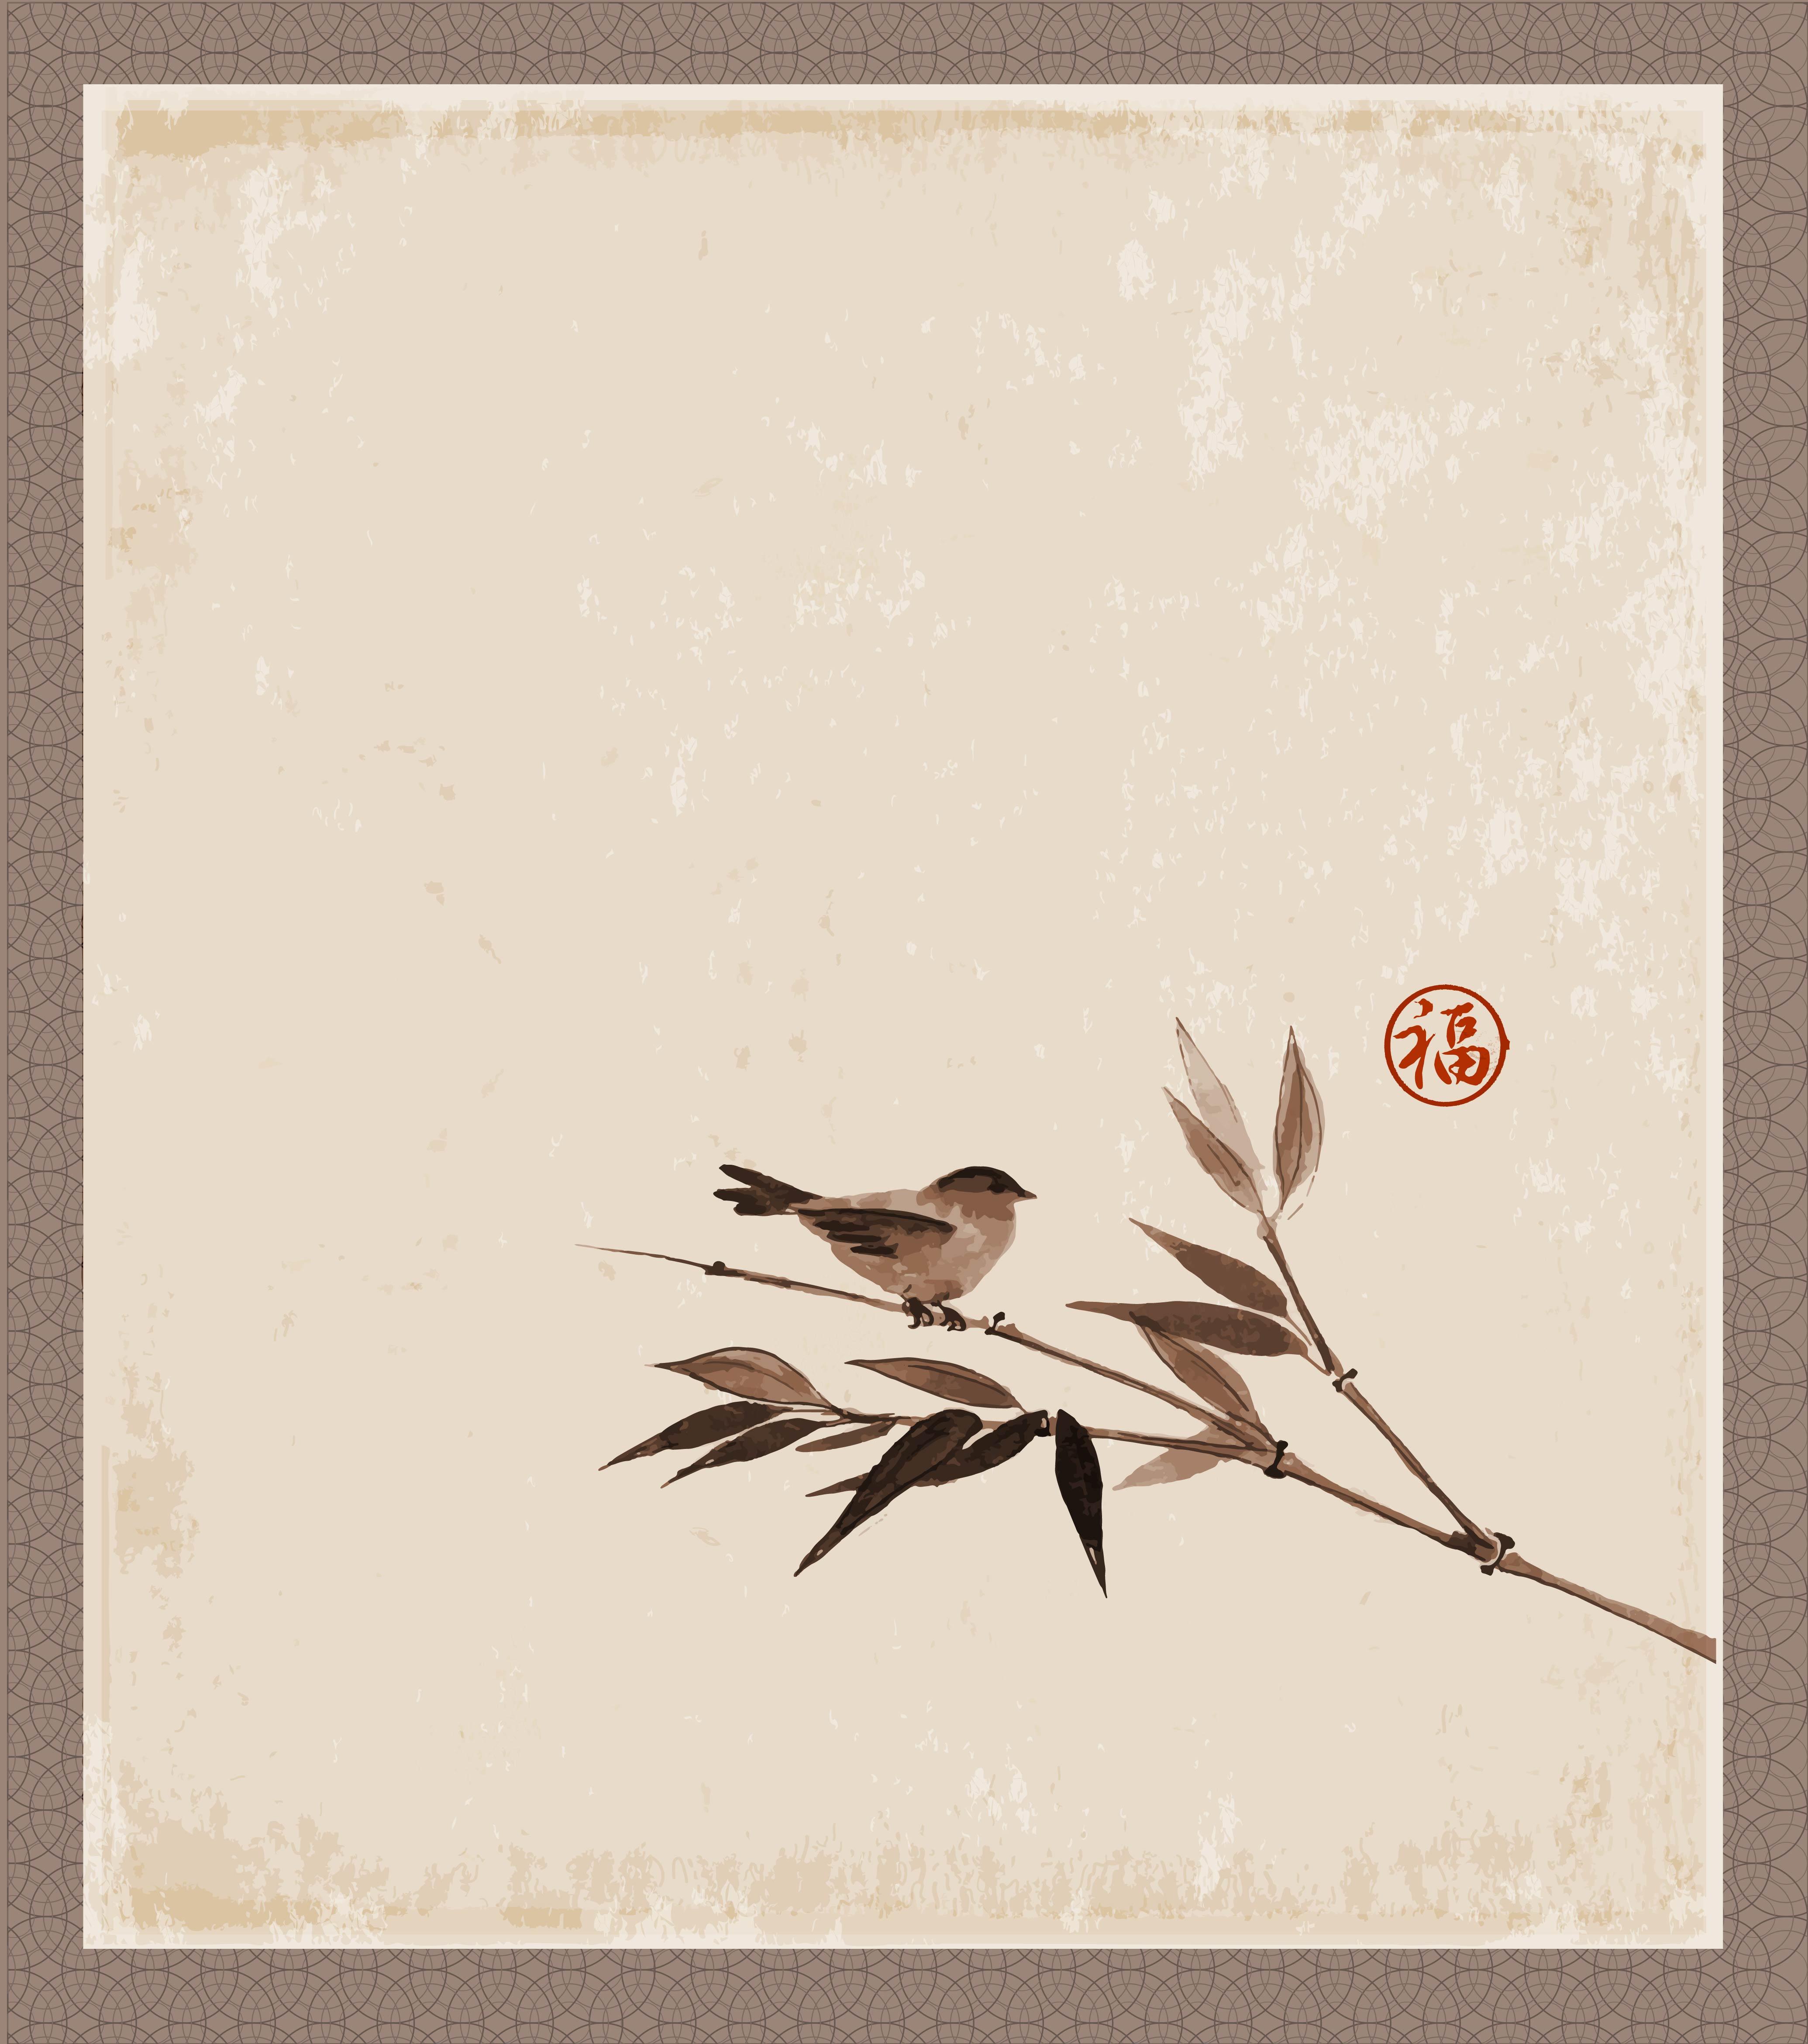 Bird Grunge Paper Hummingbird Antique Texture Old Background